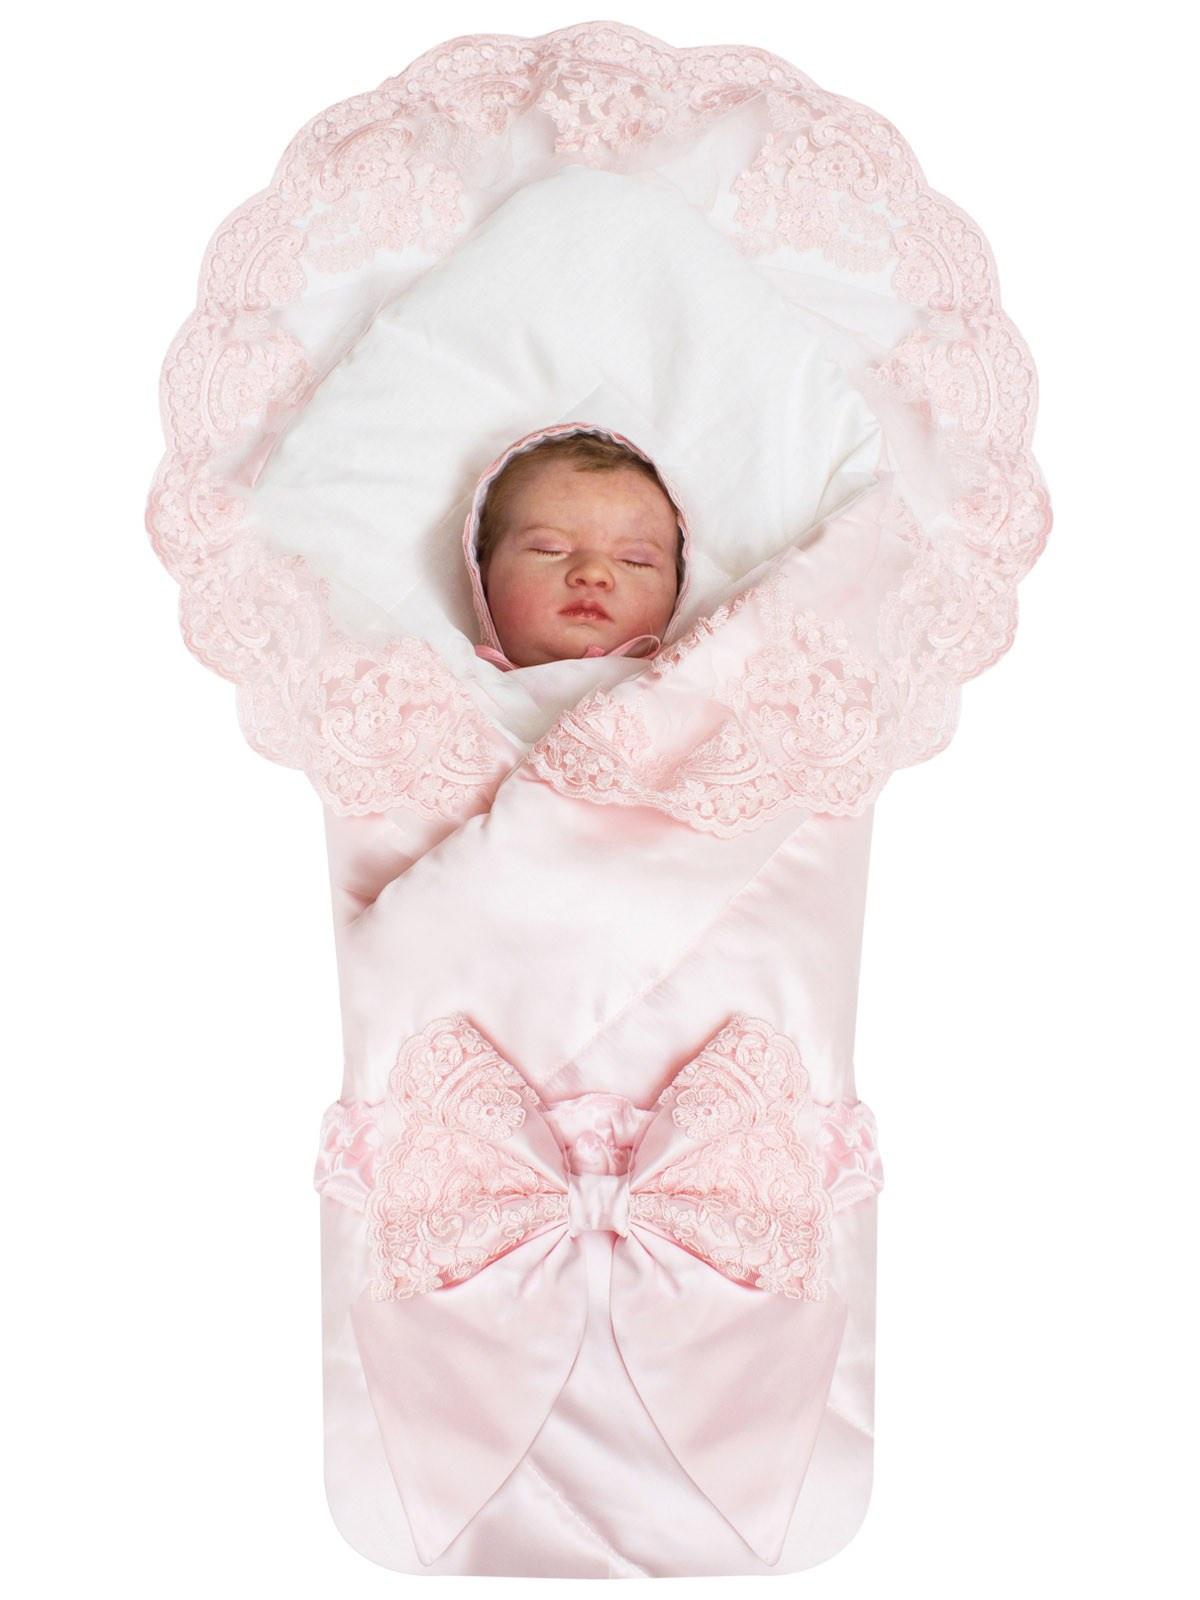 Конверт для новорожденного Luxury Baby конверт для новорожденного с рисунком кошка один размер